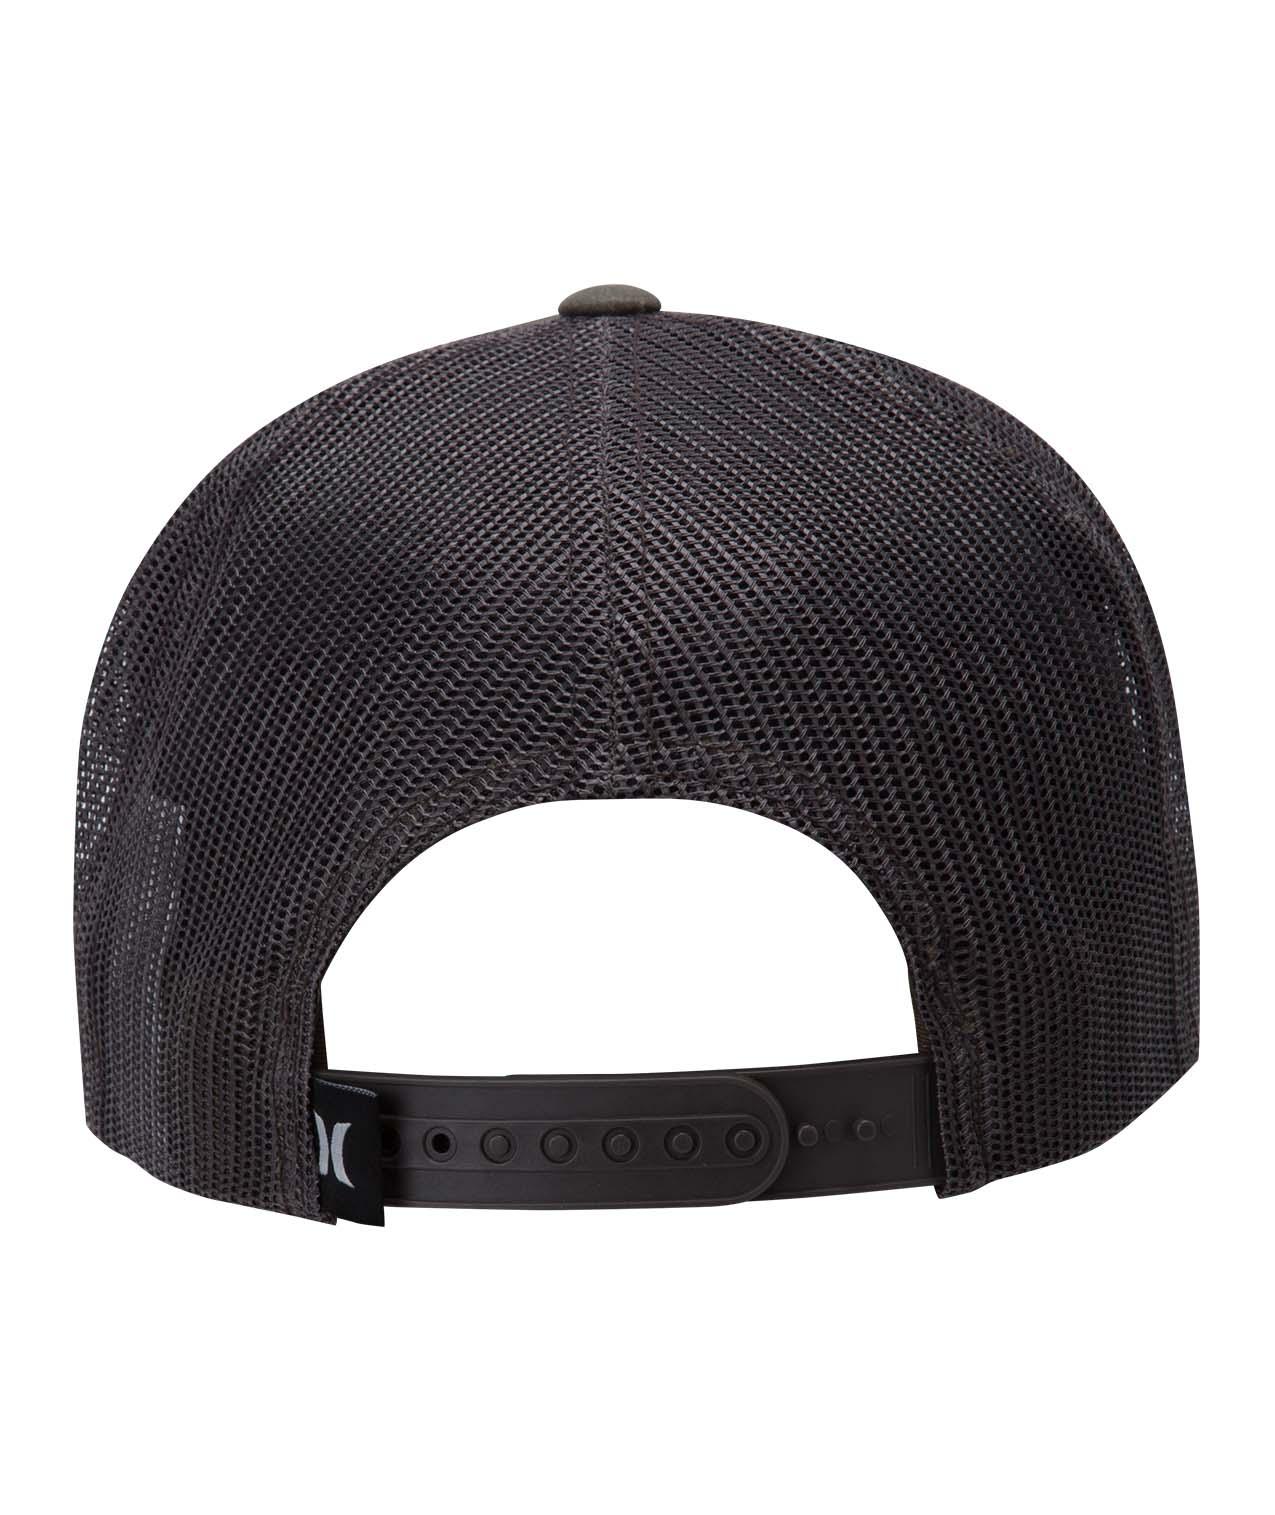 HURLEY WAXED HAT